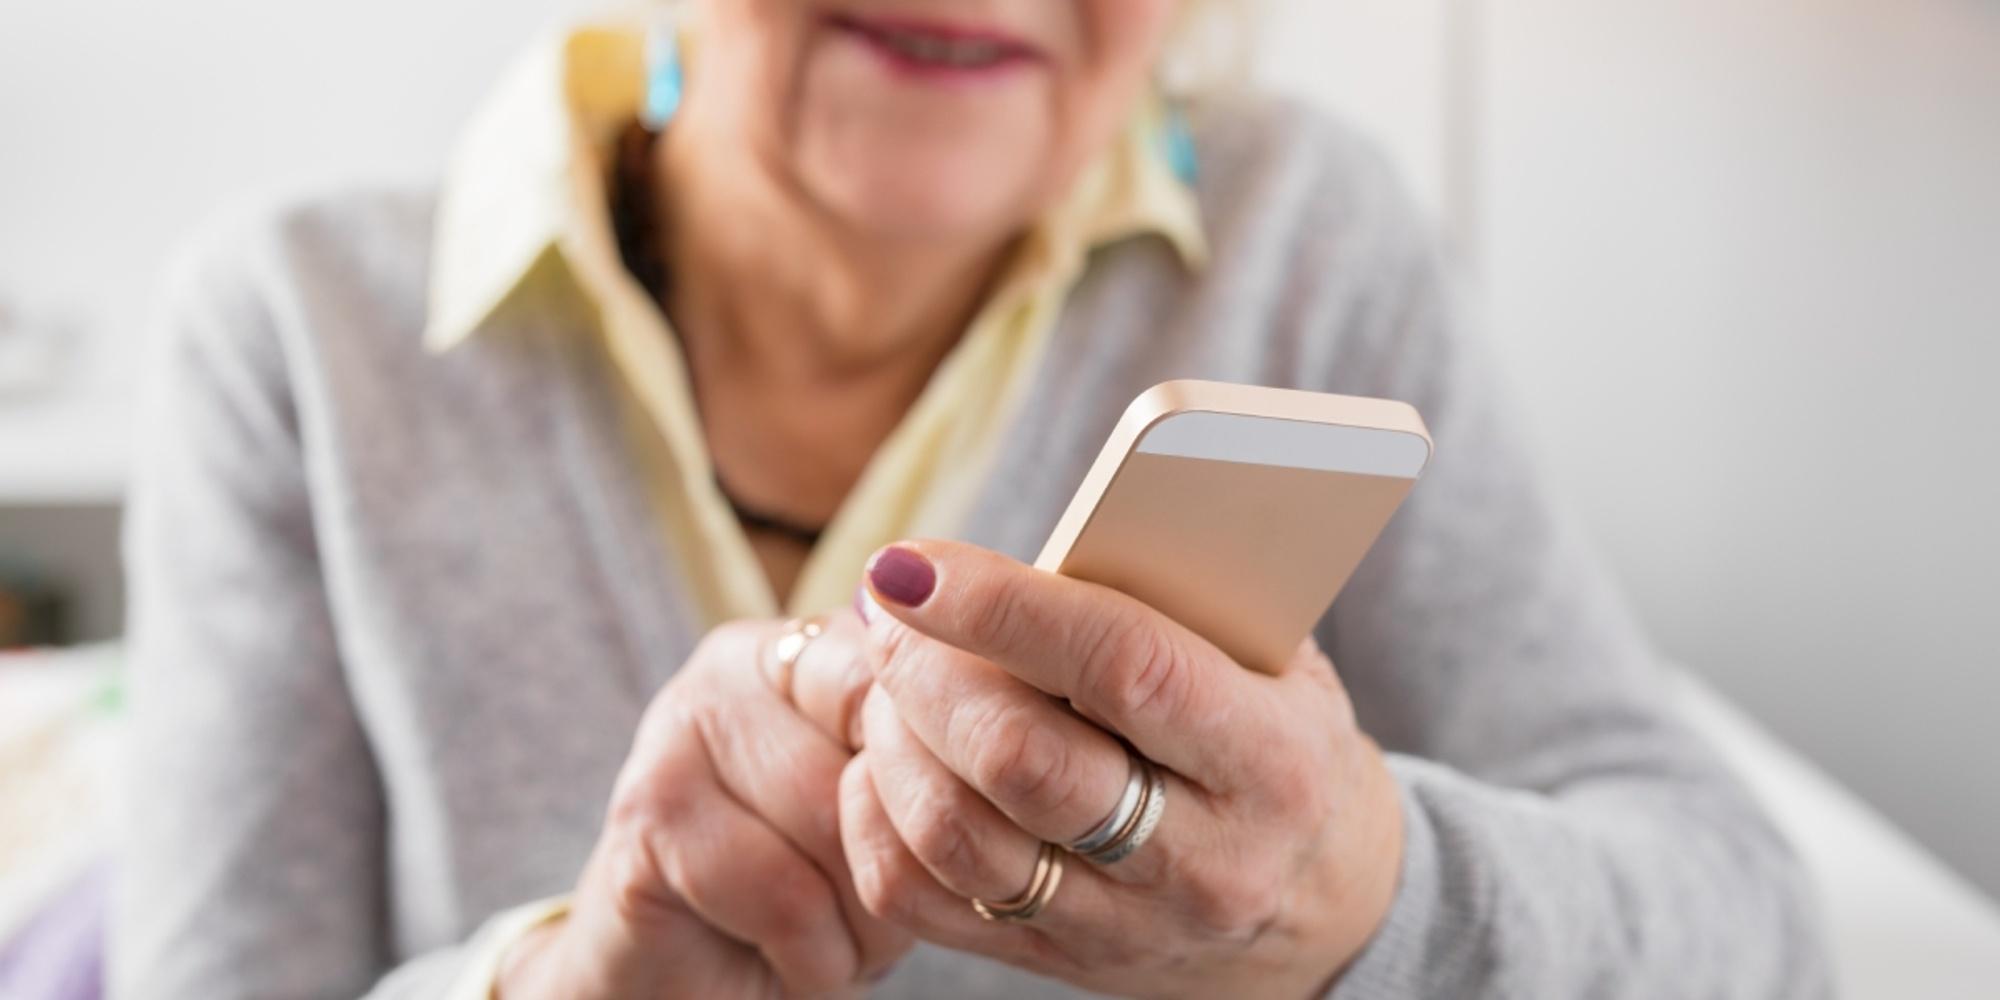 Le Chatbot expliqué à ma grand-mère